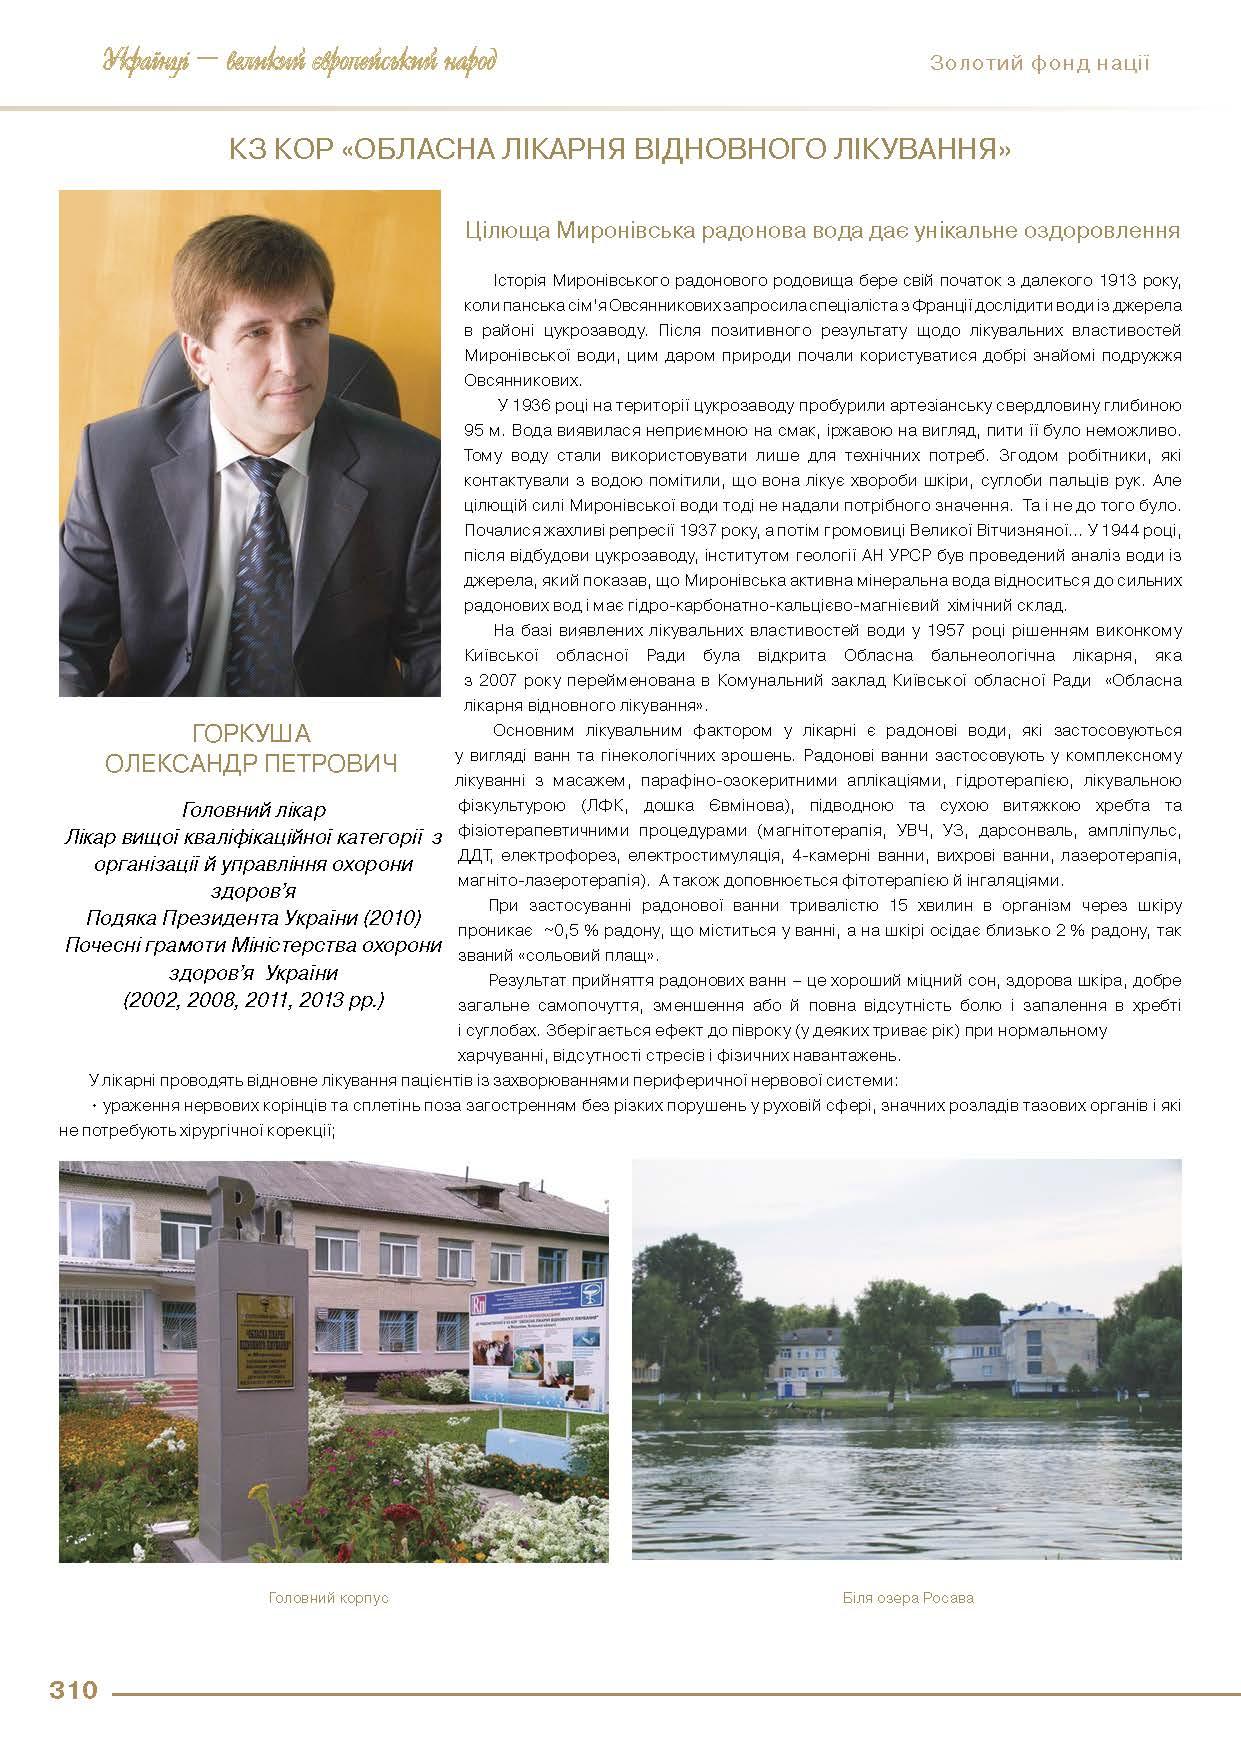 КЗ КОР «Обласна лікарня відновного лікування» - Горкуша Олександр Петрович